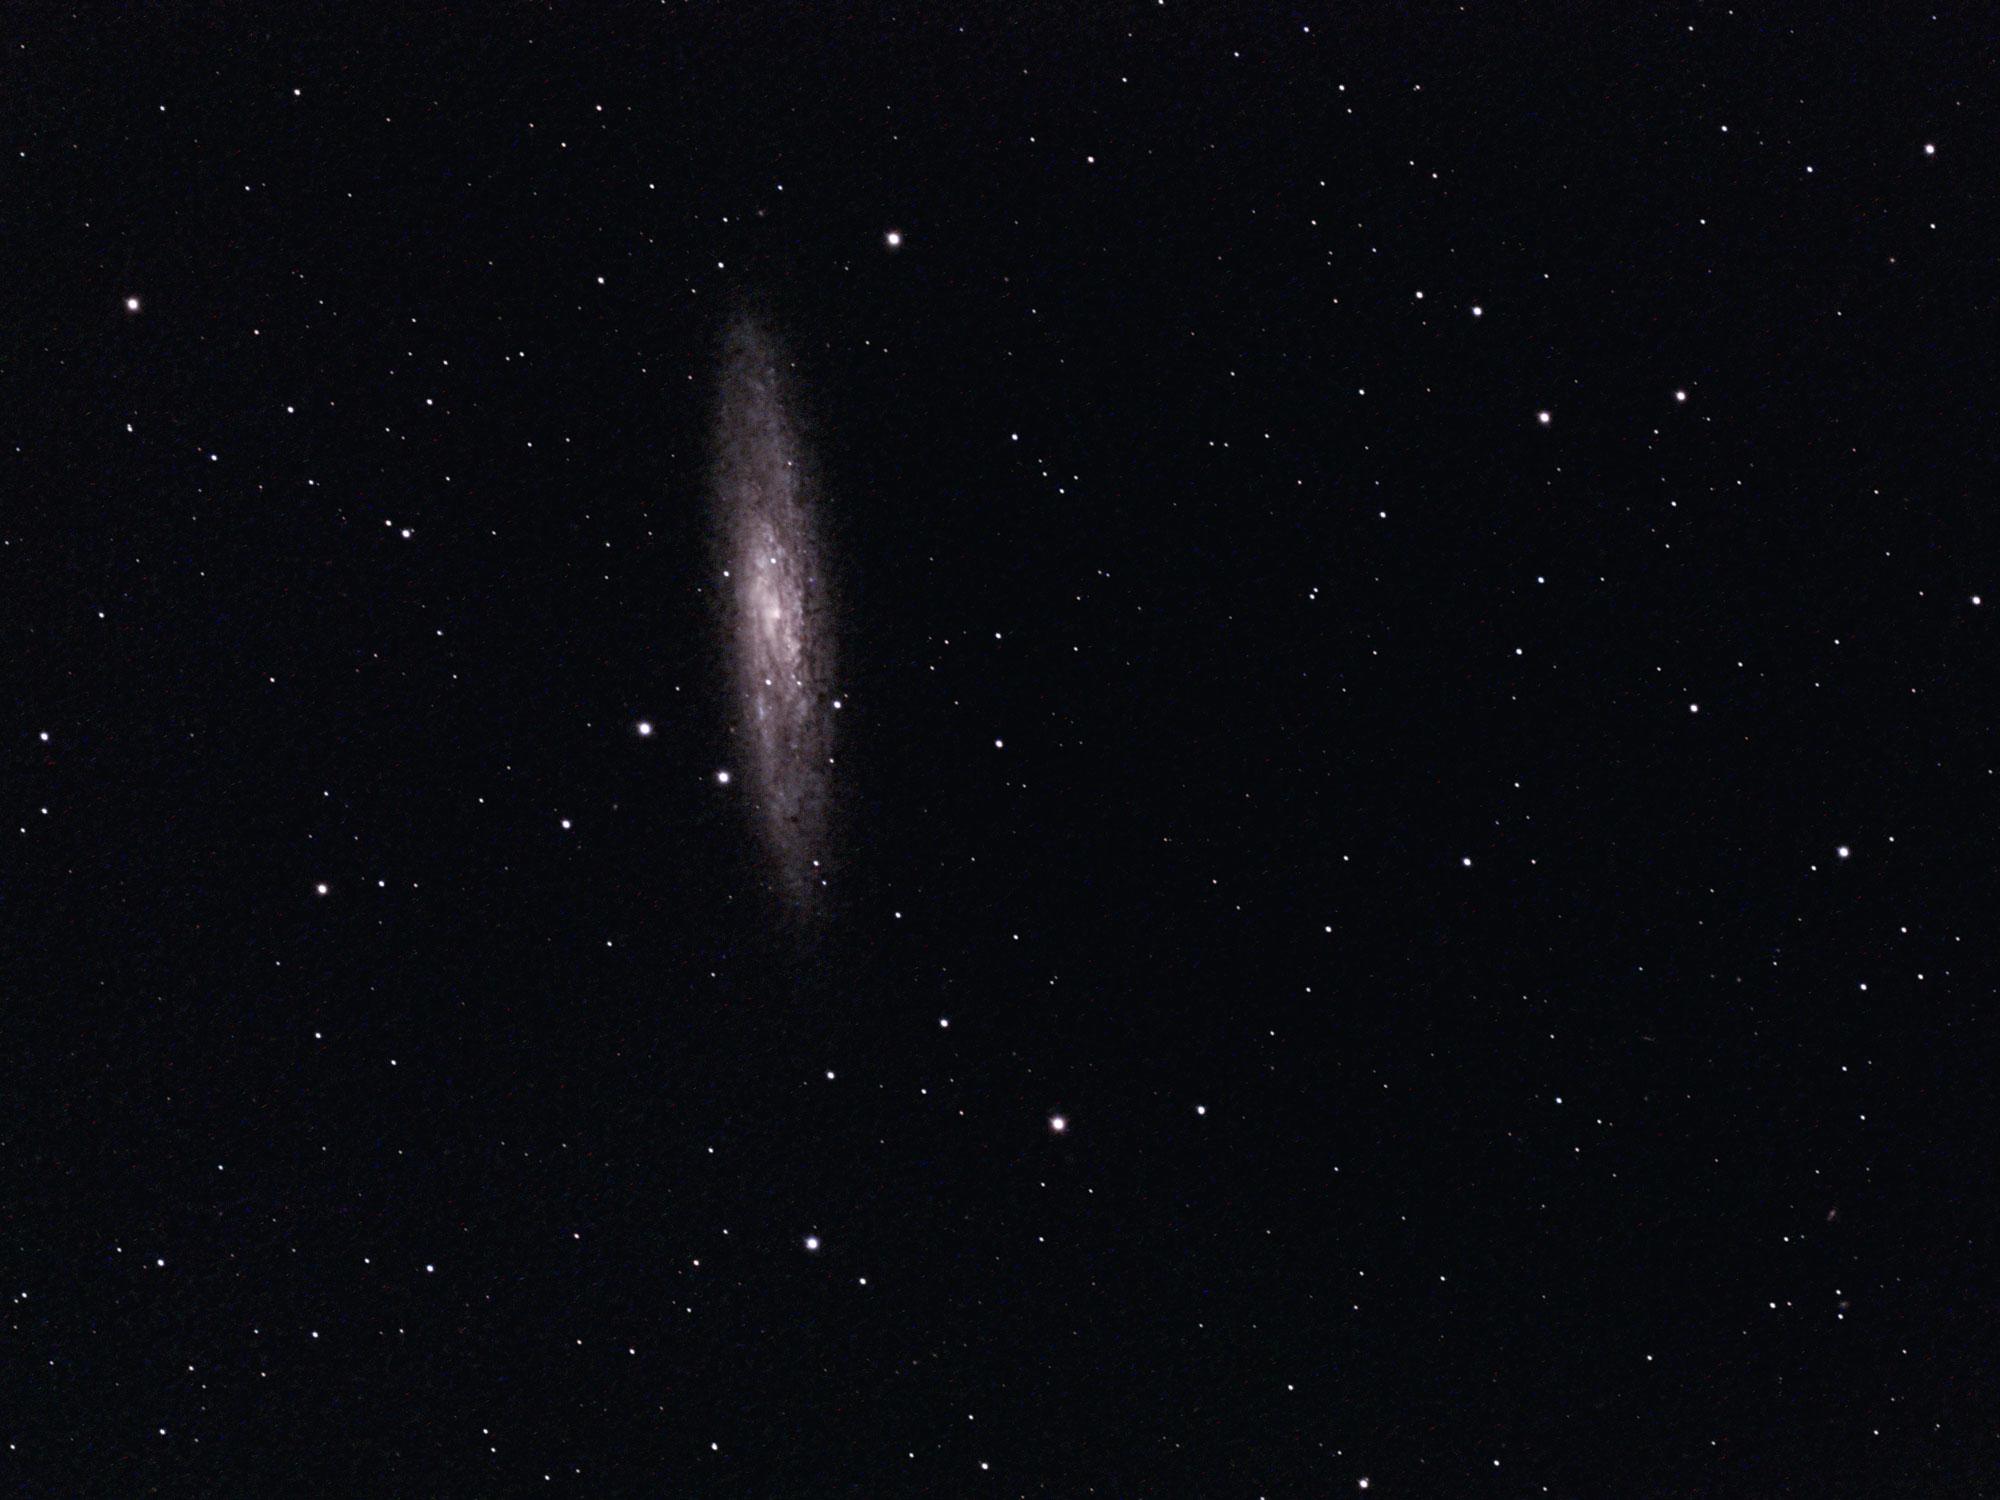 Sculpture Galaxy NGC 253 William Optics GT 102 ASI 294 astrophotography camera